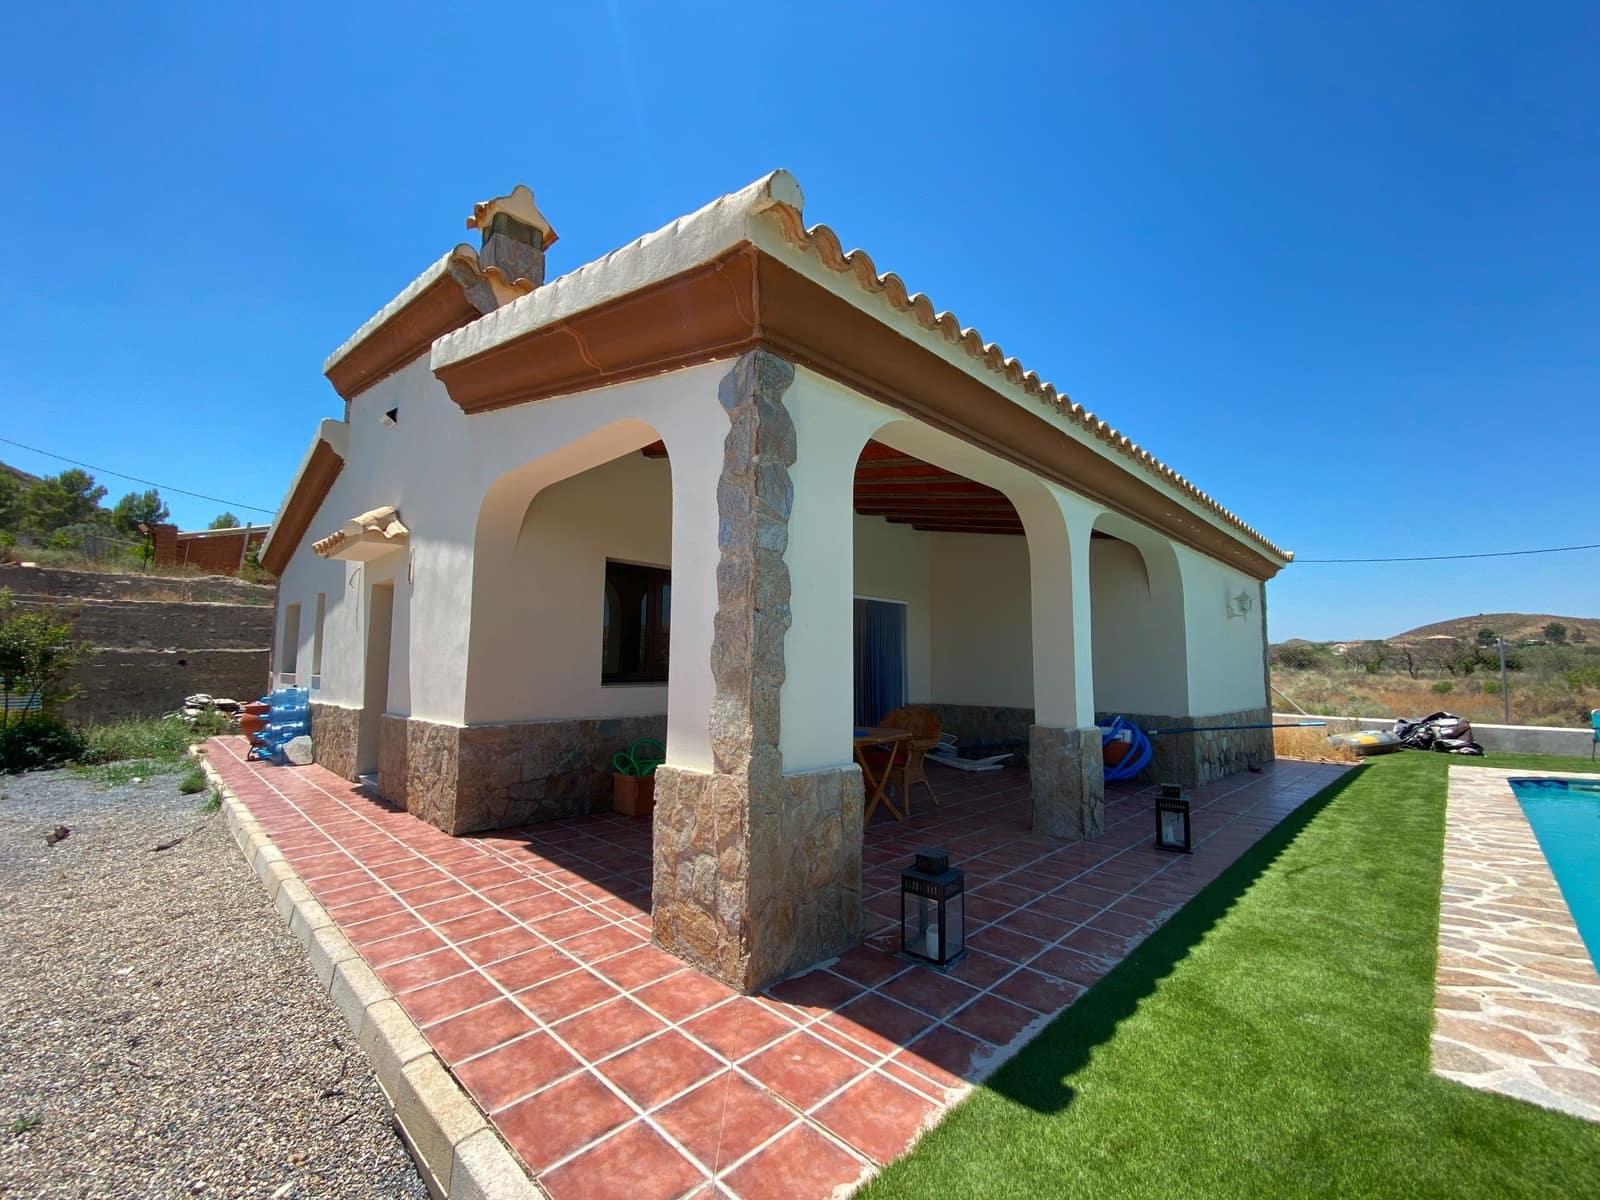 3 makuuhuone Huvila myytävänä paikassa Cantoria mukana uima-altaan - 144 950 € (Ref: 6206590)